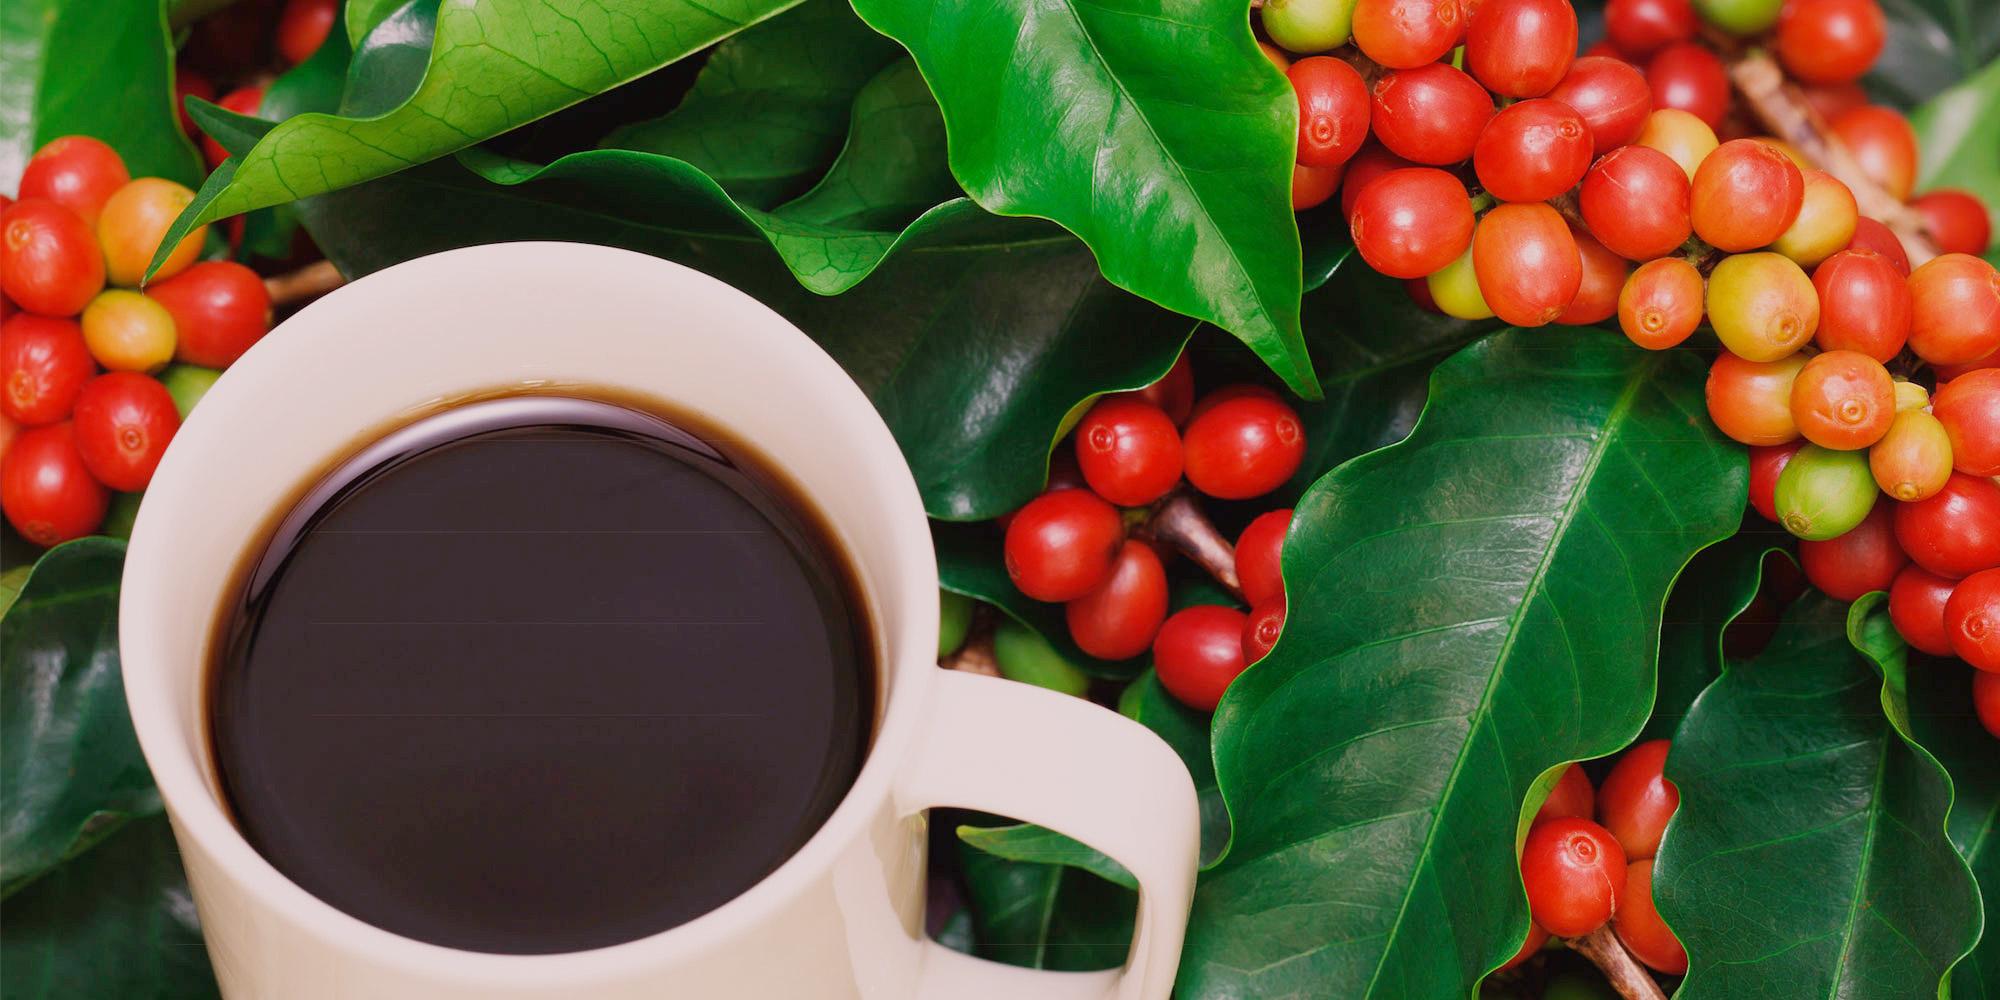 Quả cà phê trên cây to tròn và đẹp mắt.